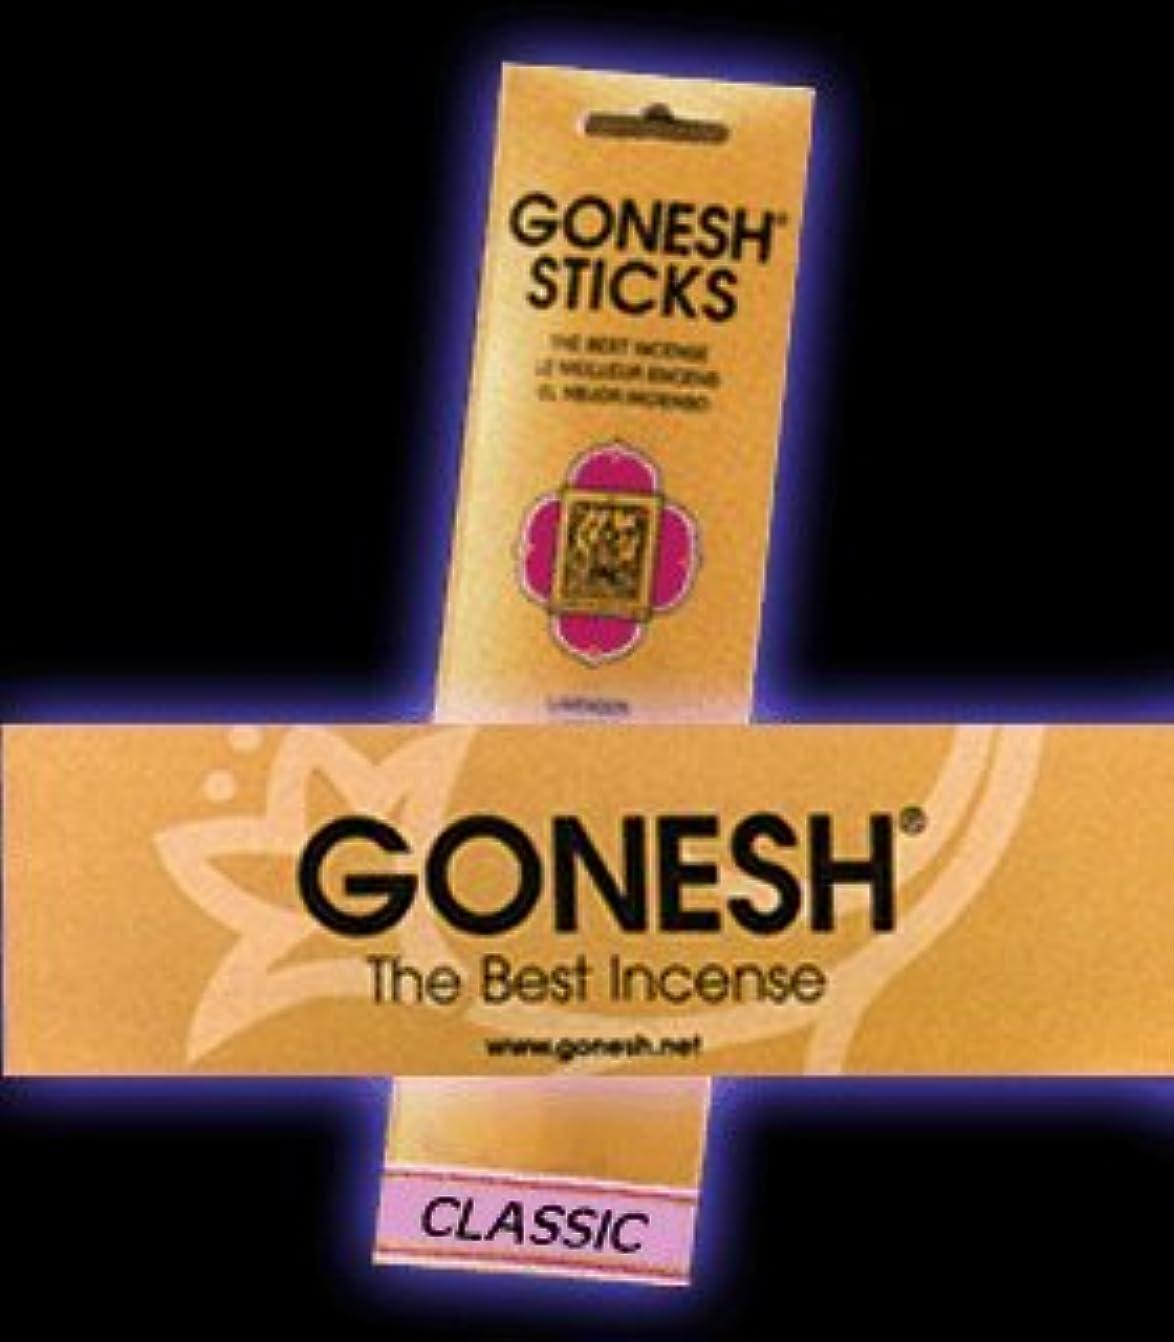 フィールド特派員薬局GONESH インセンス スティック No.10